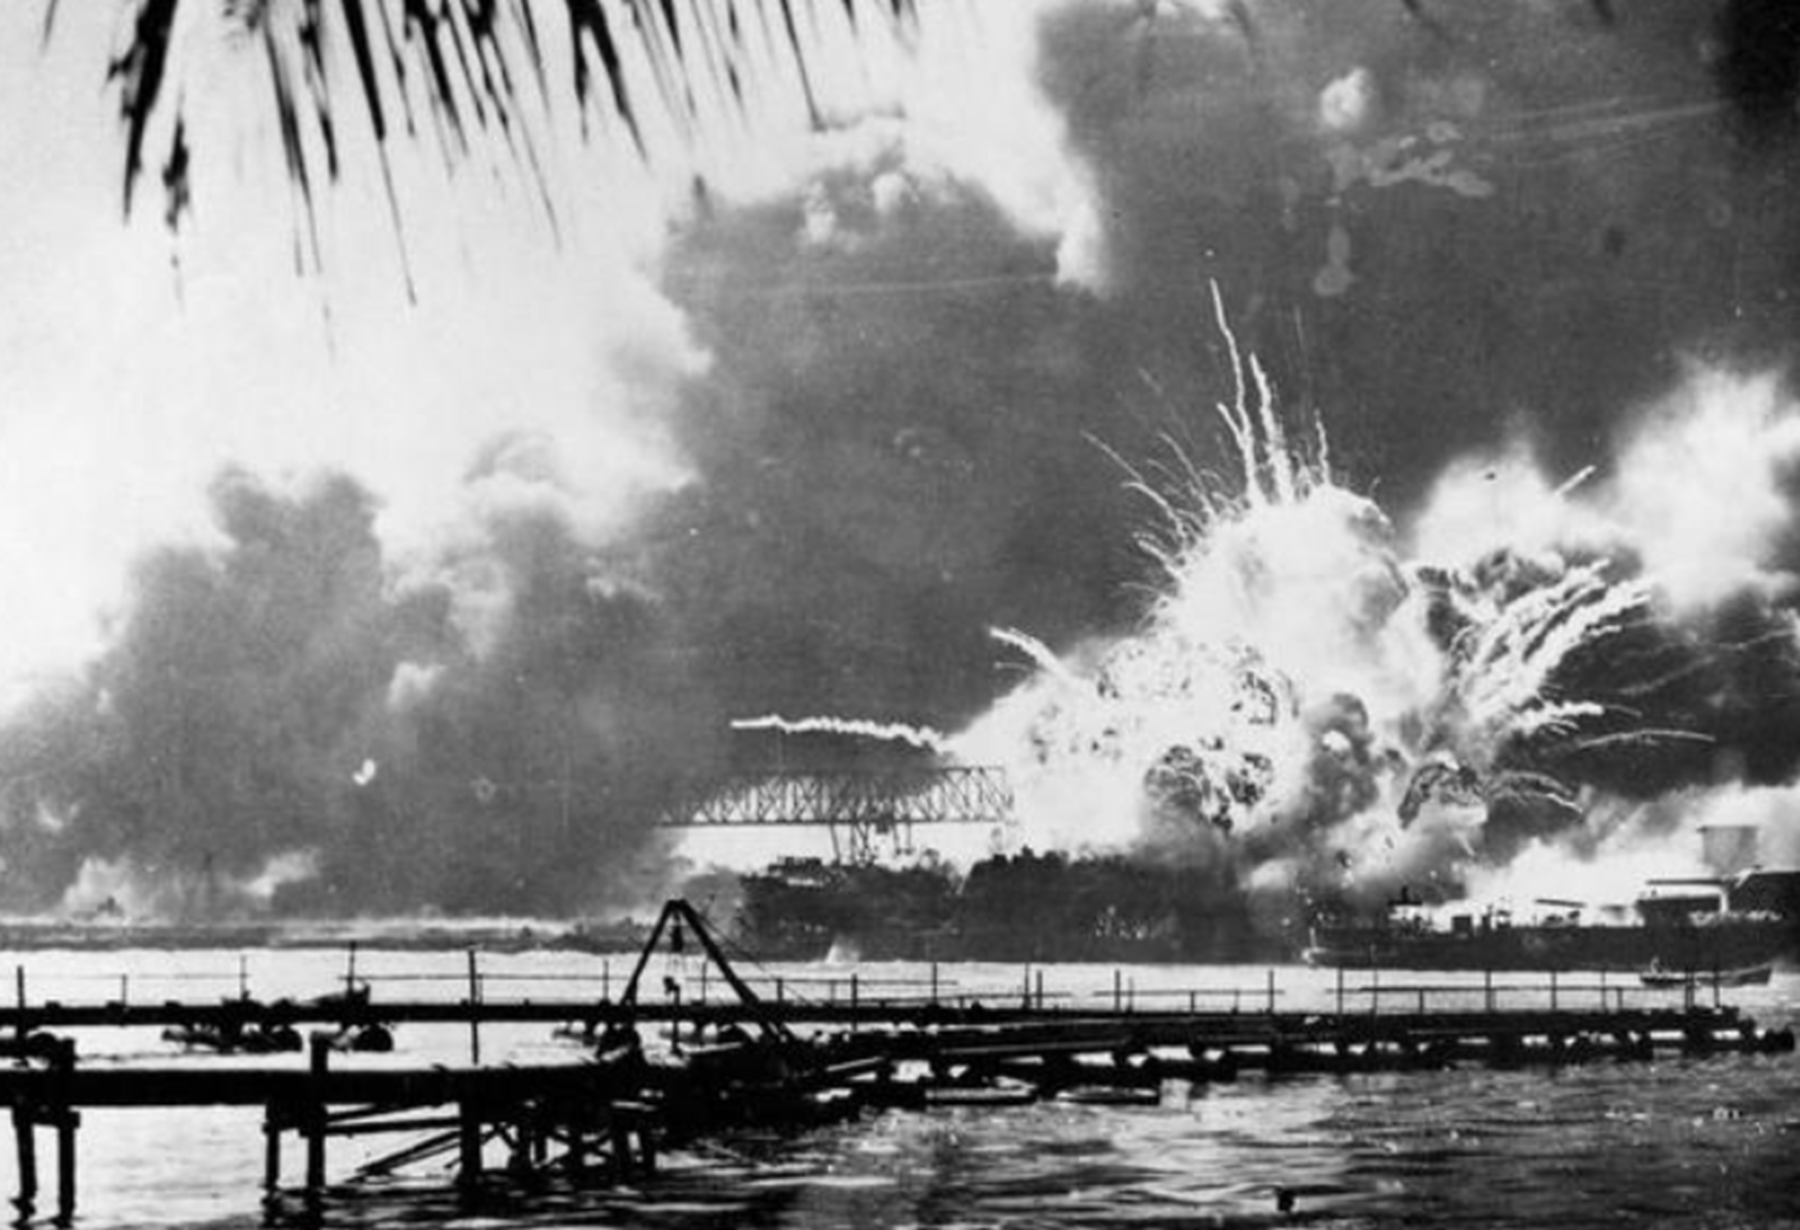 抗日战争期间,德国为何向中国提供大量军事援助?背后暗藏深意